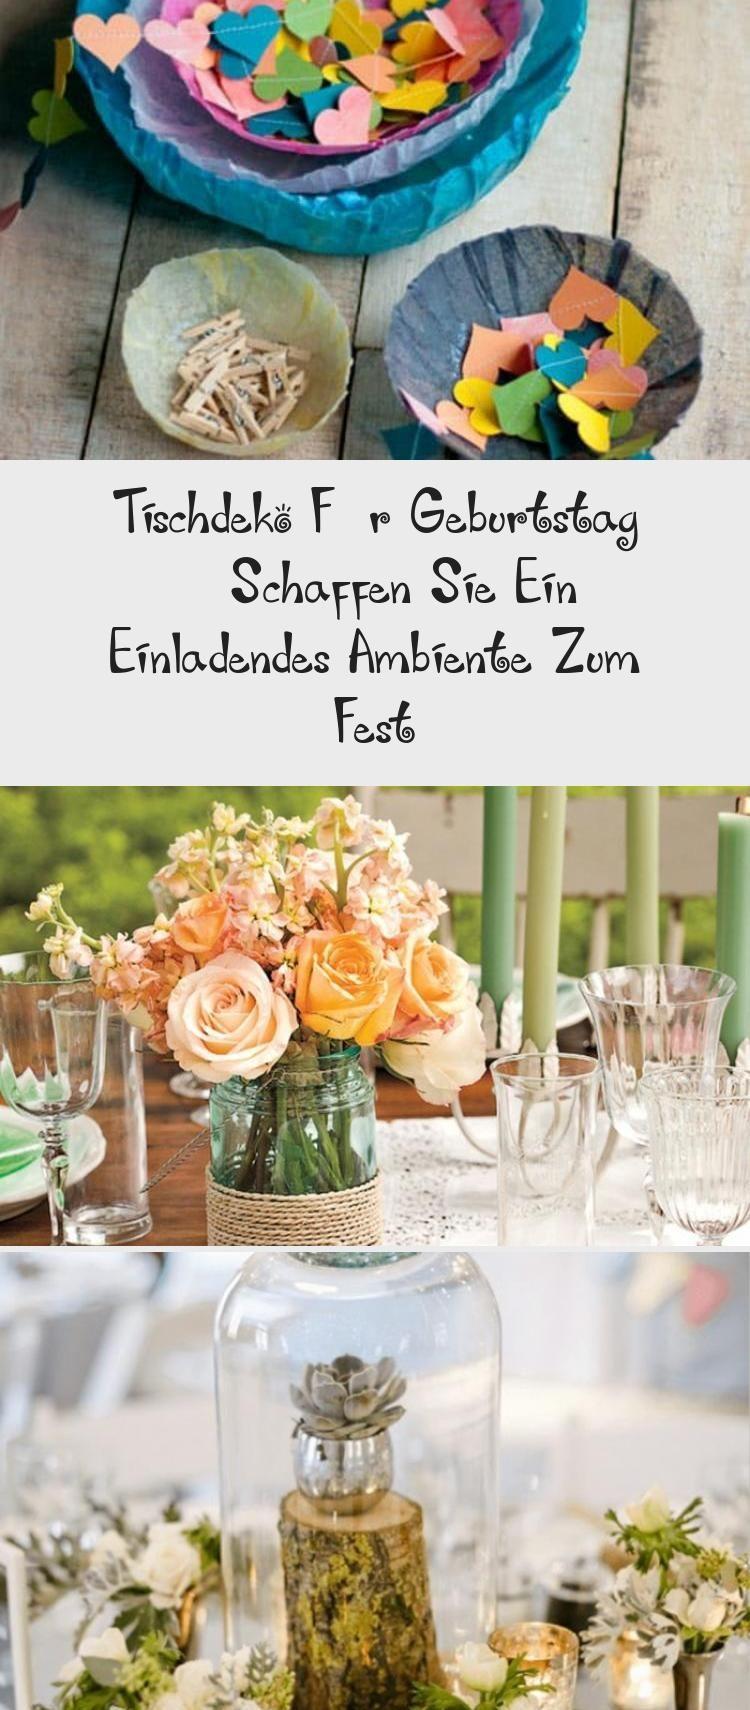 Tischdekoration Zum Geburtstag Schaffen Sie Eine Einladende